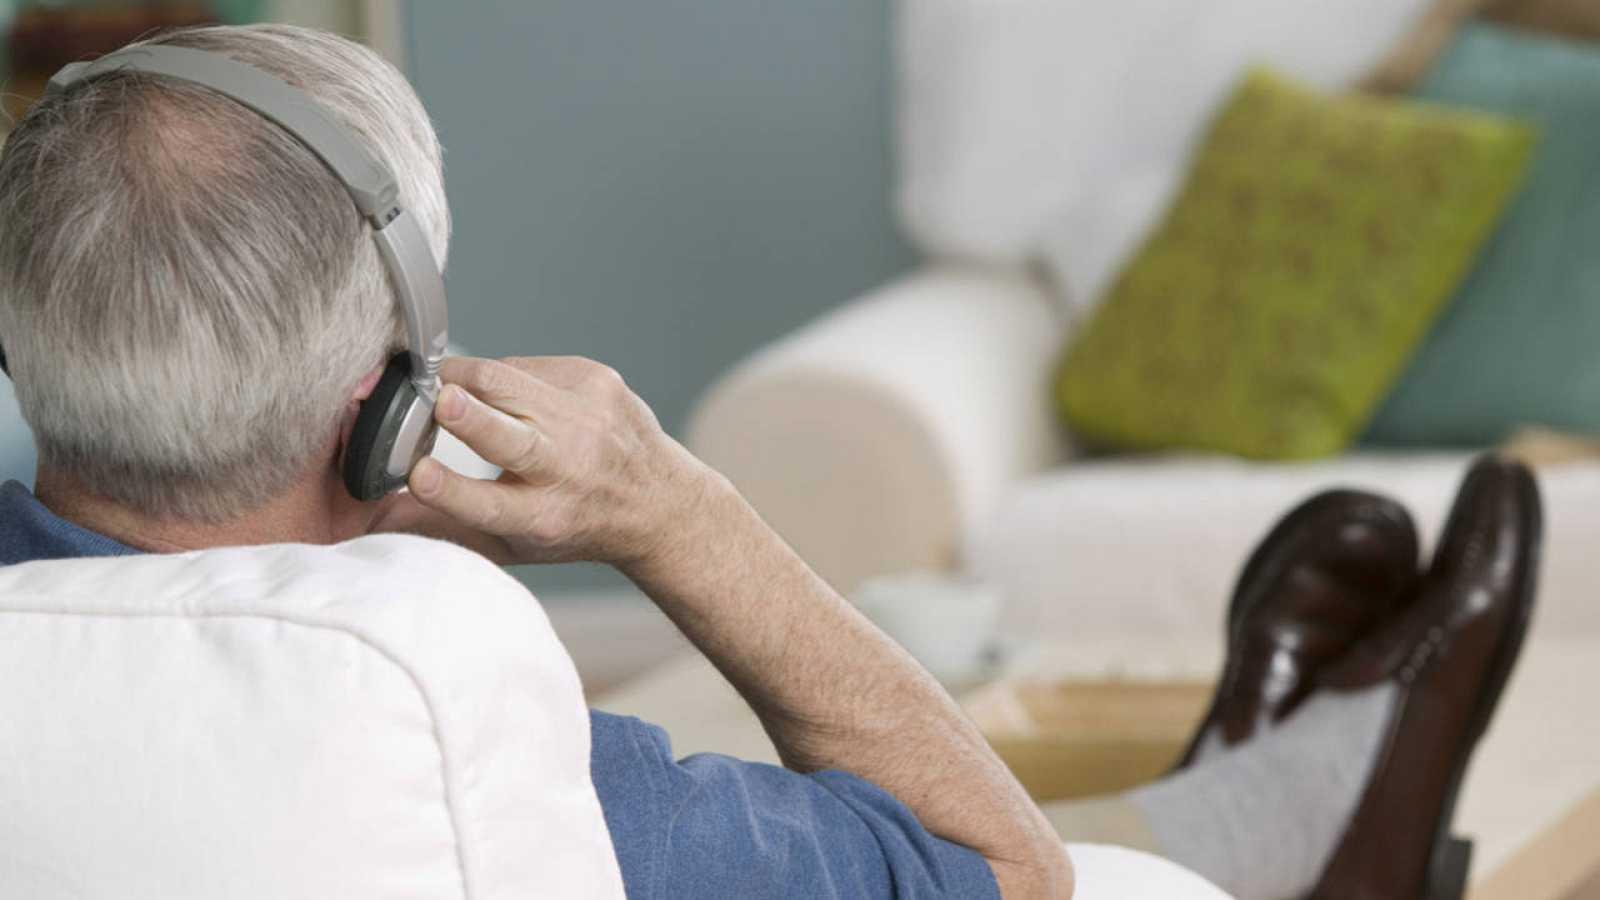 En el estudio han participado diez ancianos, nueve mujeres y un hombre, de 84 años de promedio.